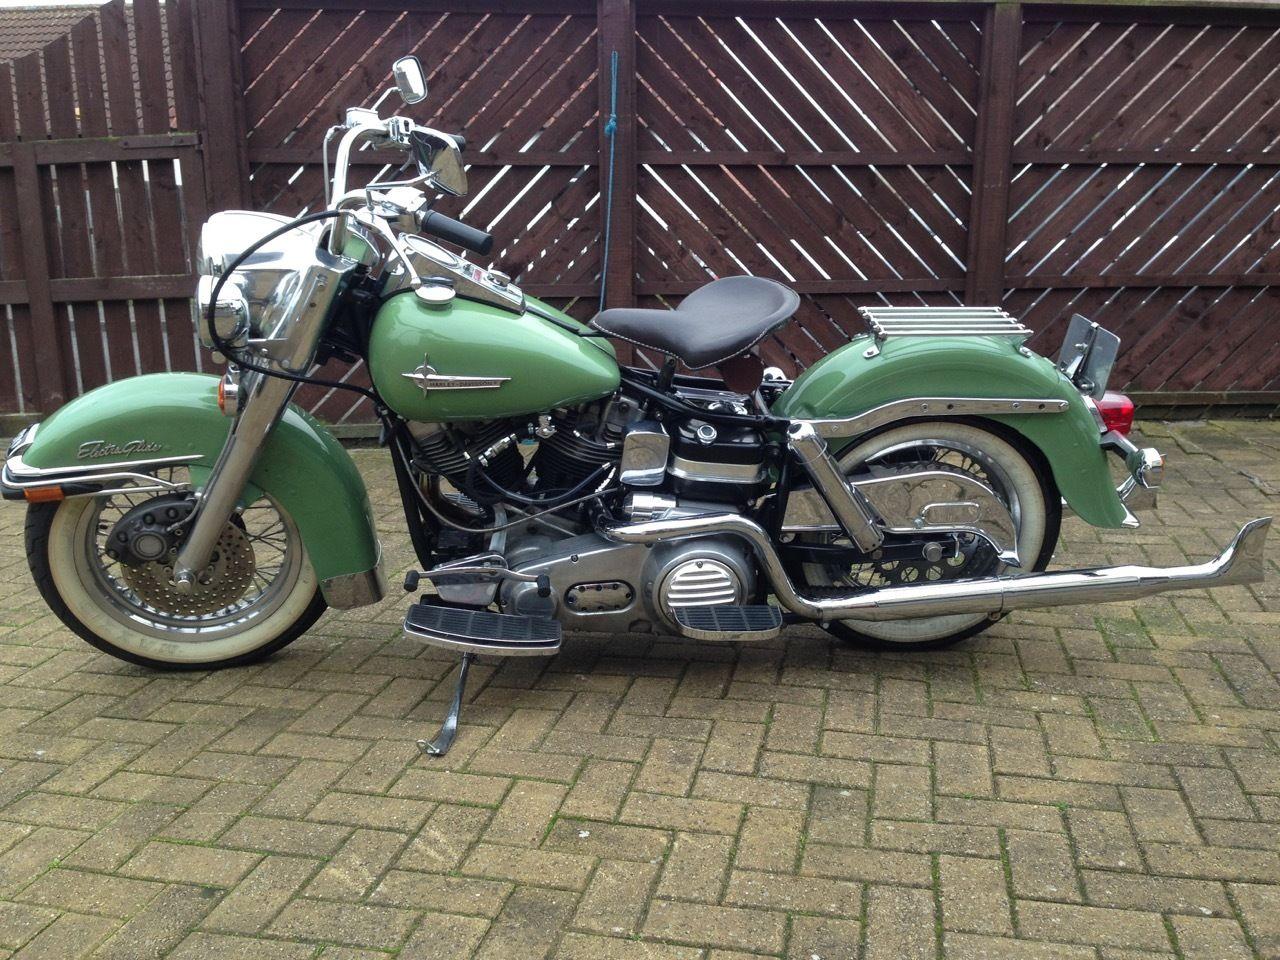 Restored Harley Davidson Flh Electra Glide 1973